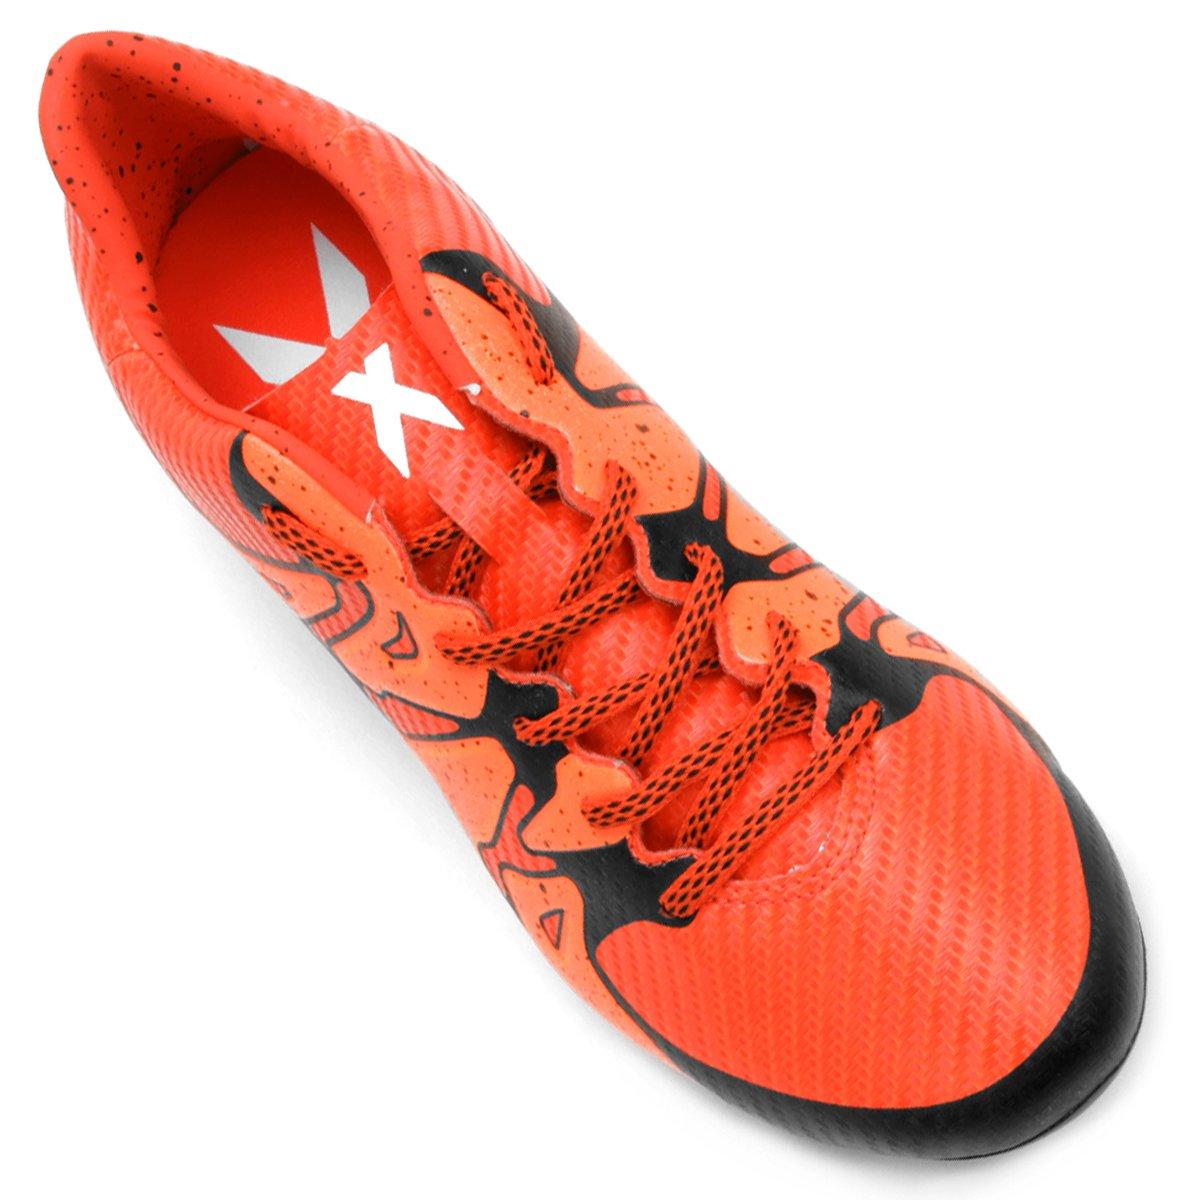 Chuteira Adidas X 15.3 FG Campo - Compre Agora  1a35a59bdc63a